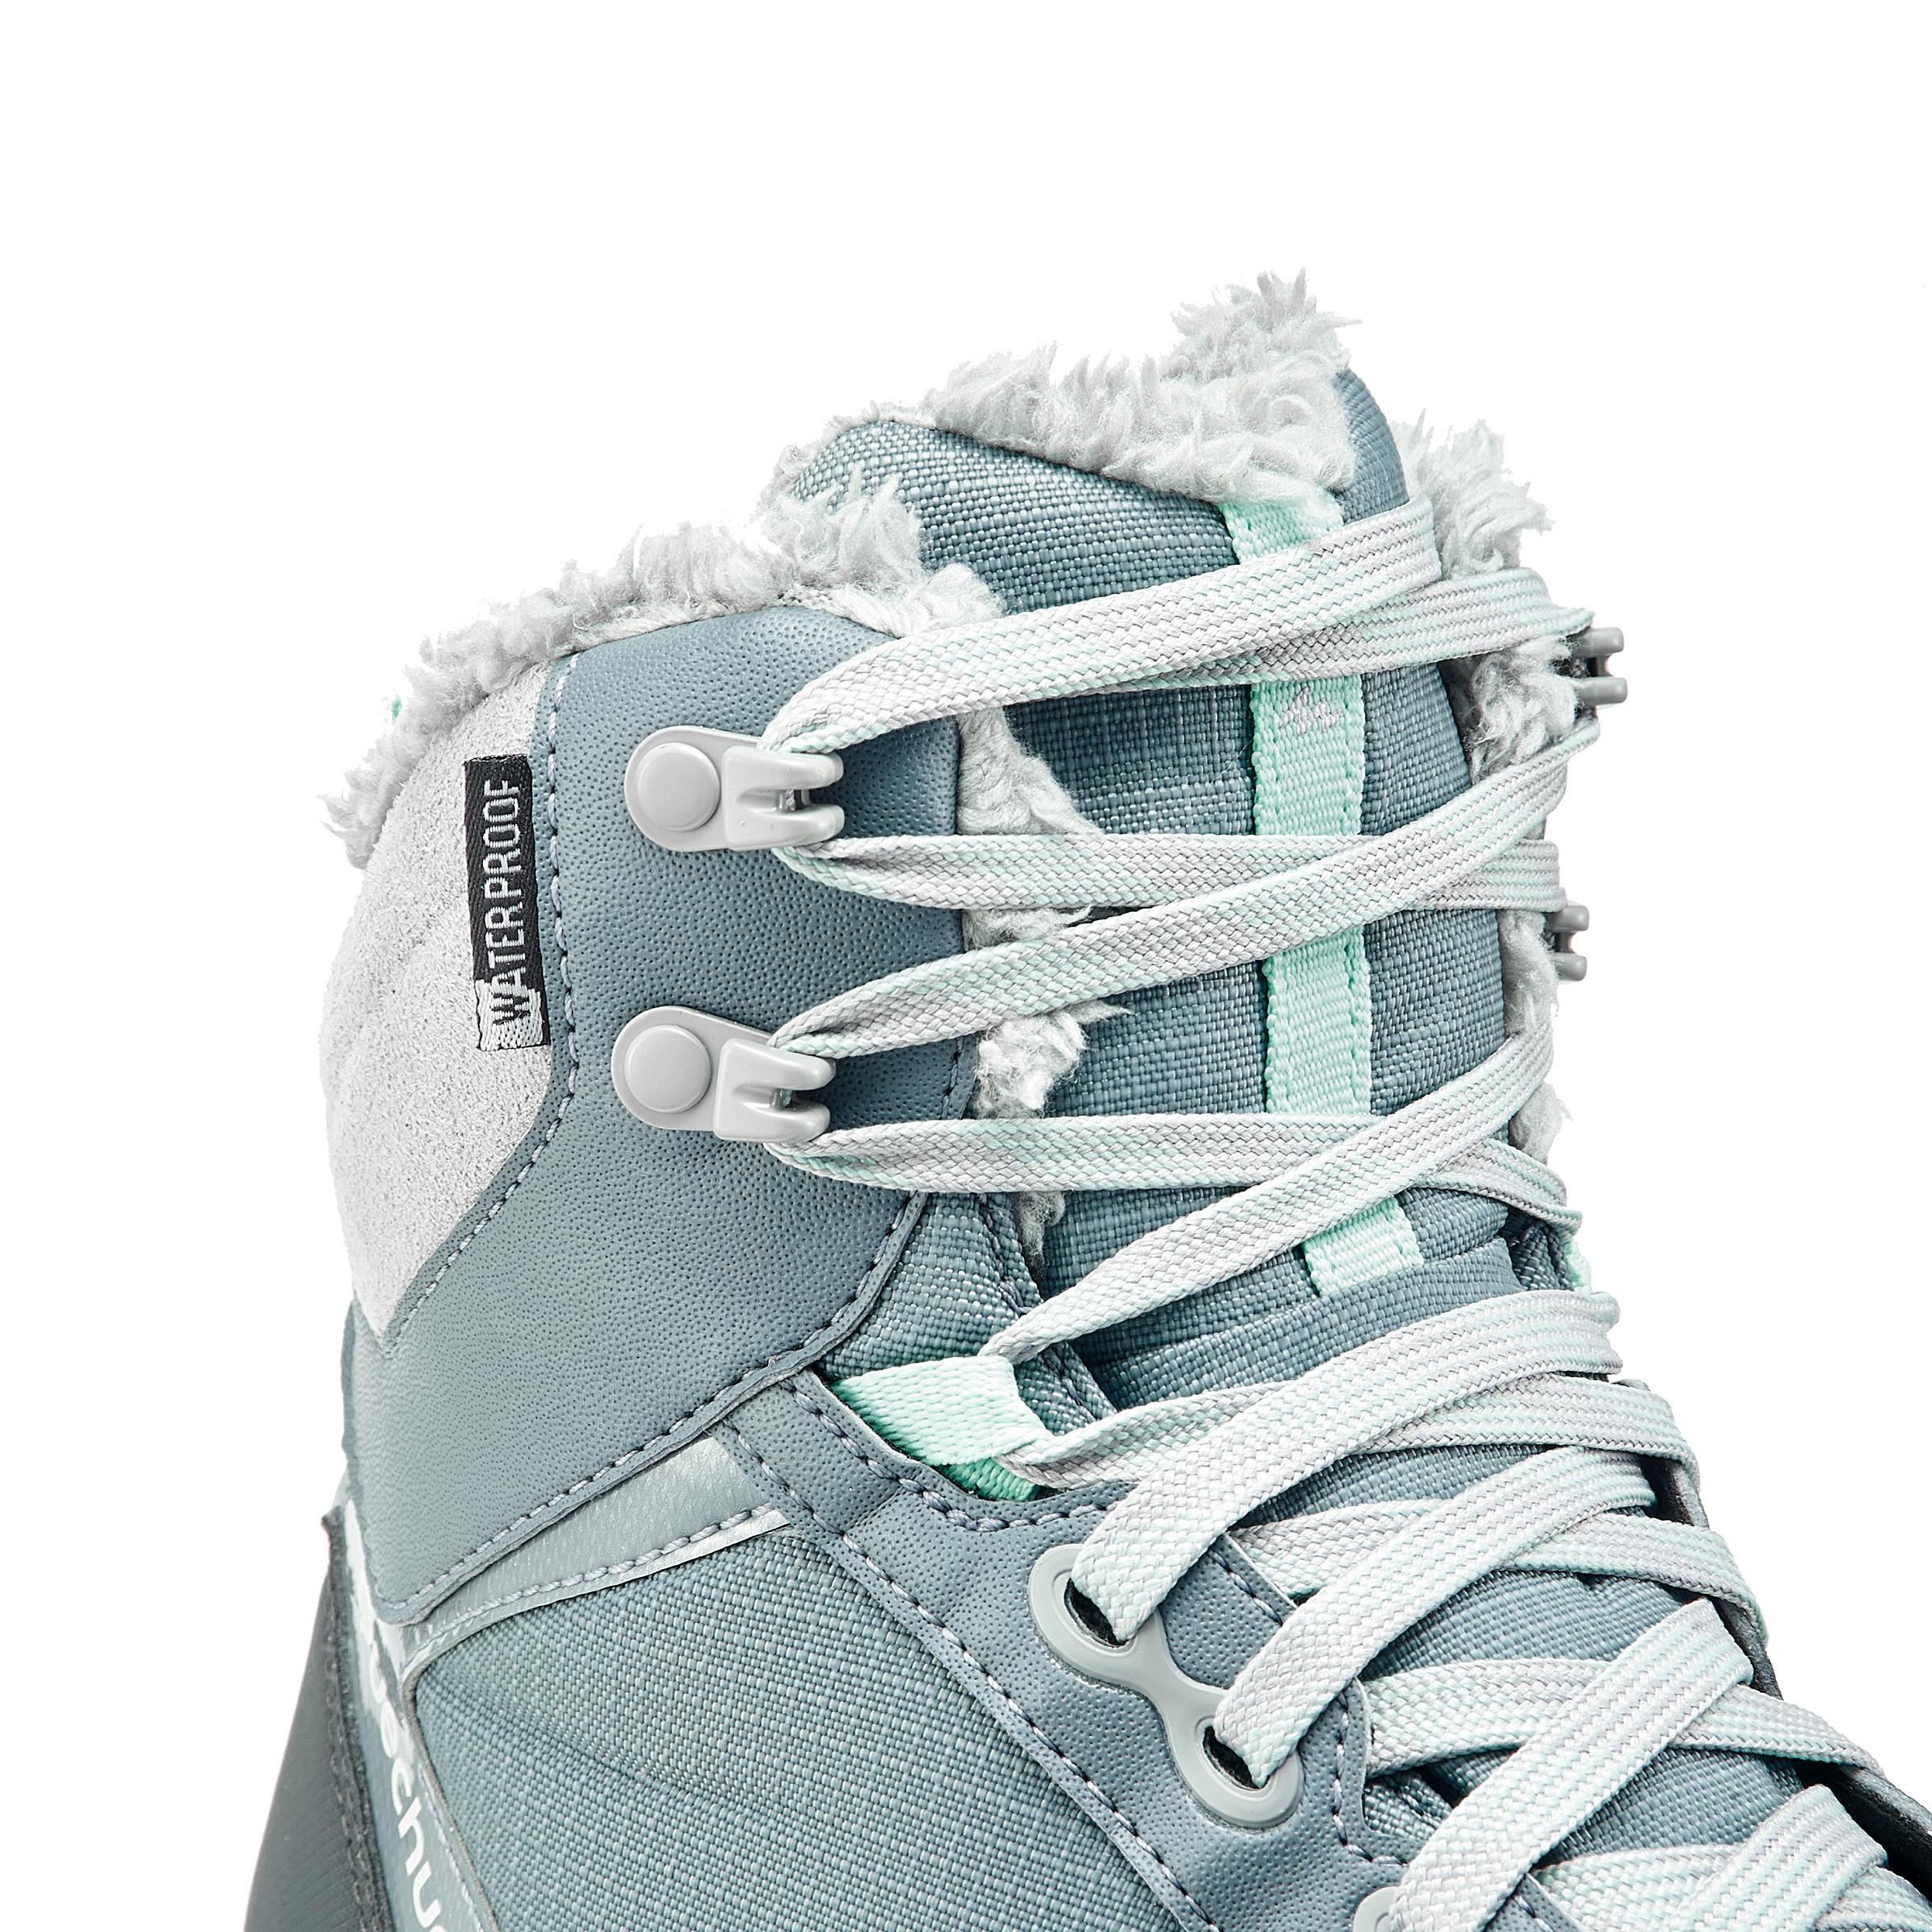 Chaussures de randonnée neige femme SH520 x-warm mi-hauteur bleu